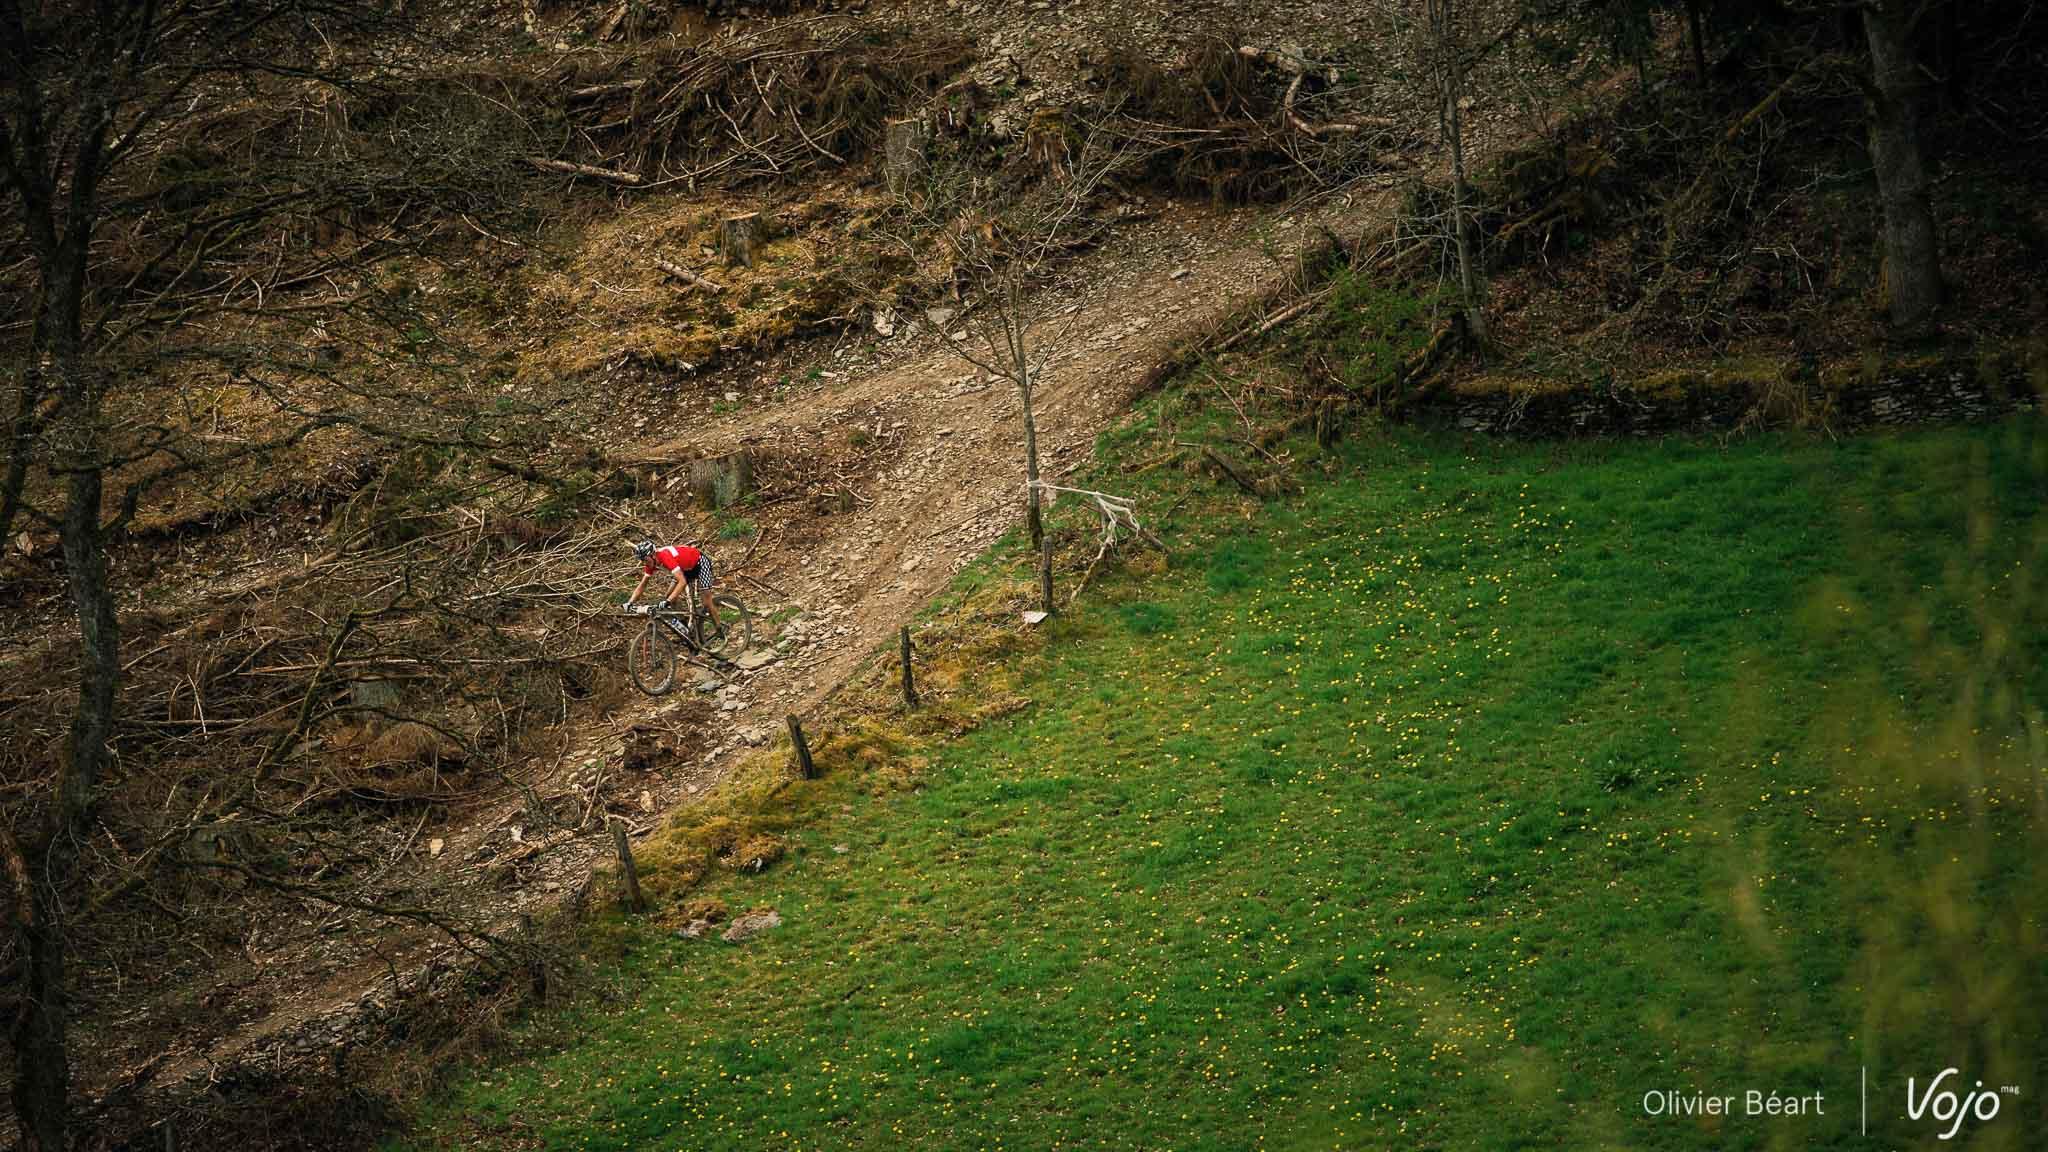 Roc_Ardenne_Marathon_Copyright_OBeart_VojoMag-1